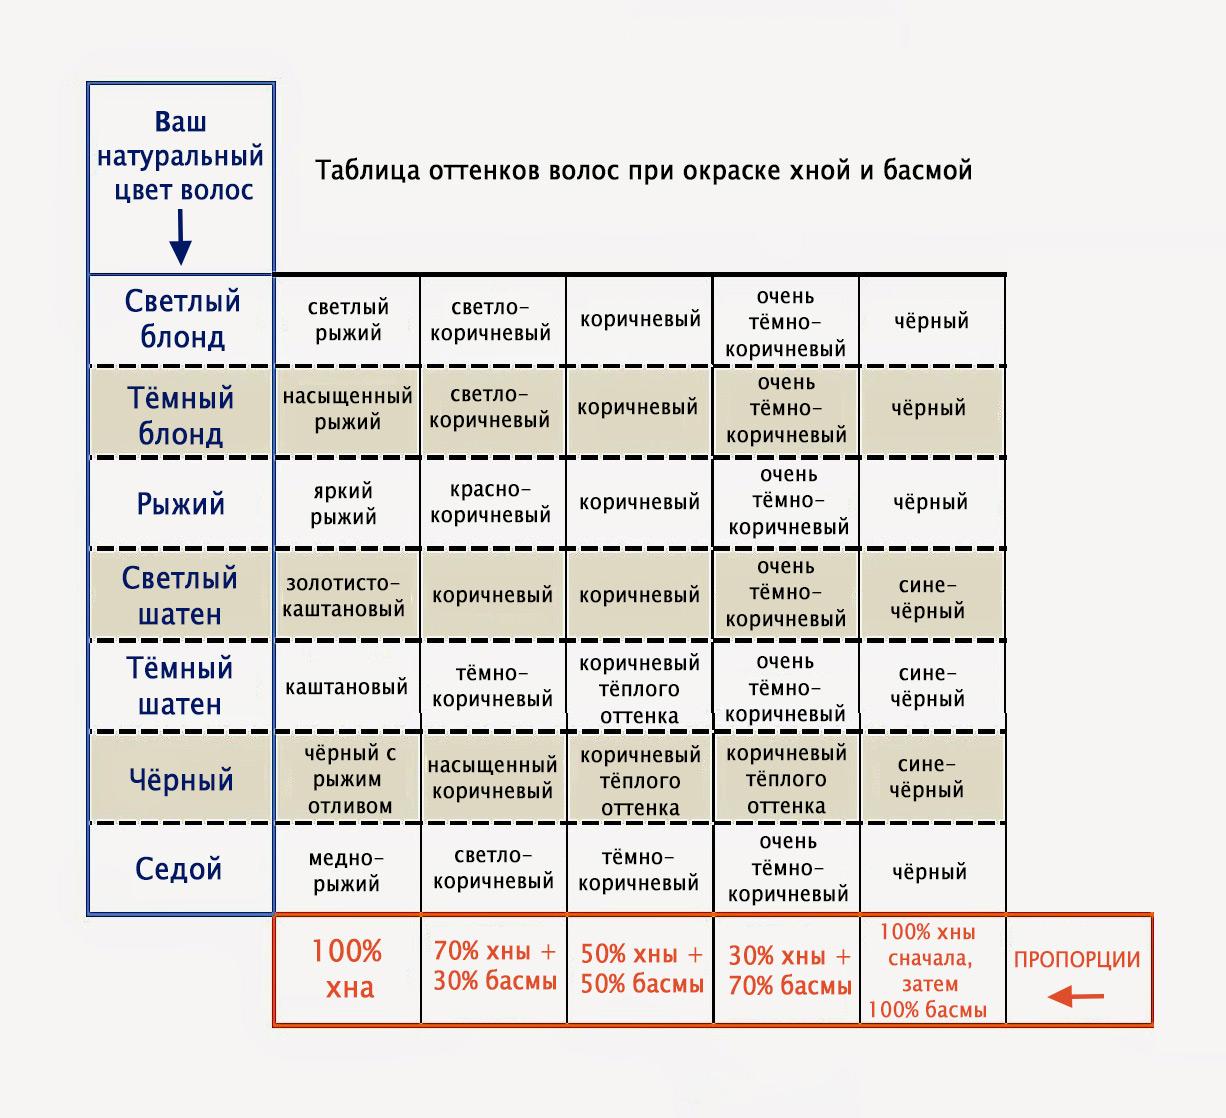 Таблица цветов при окраске хной и басмой